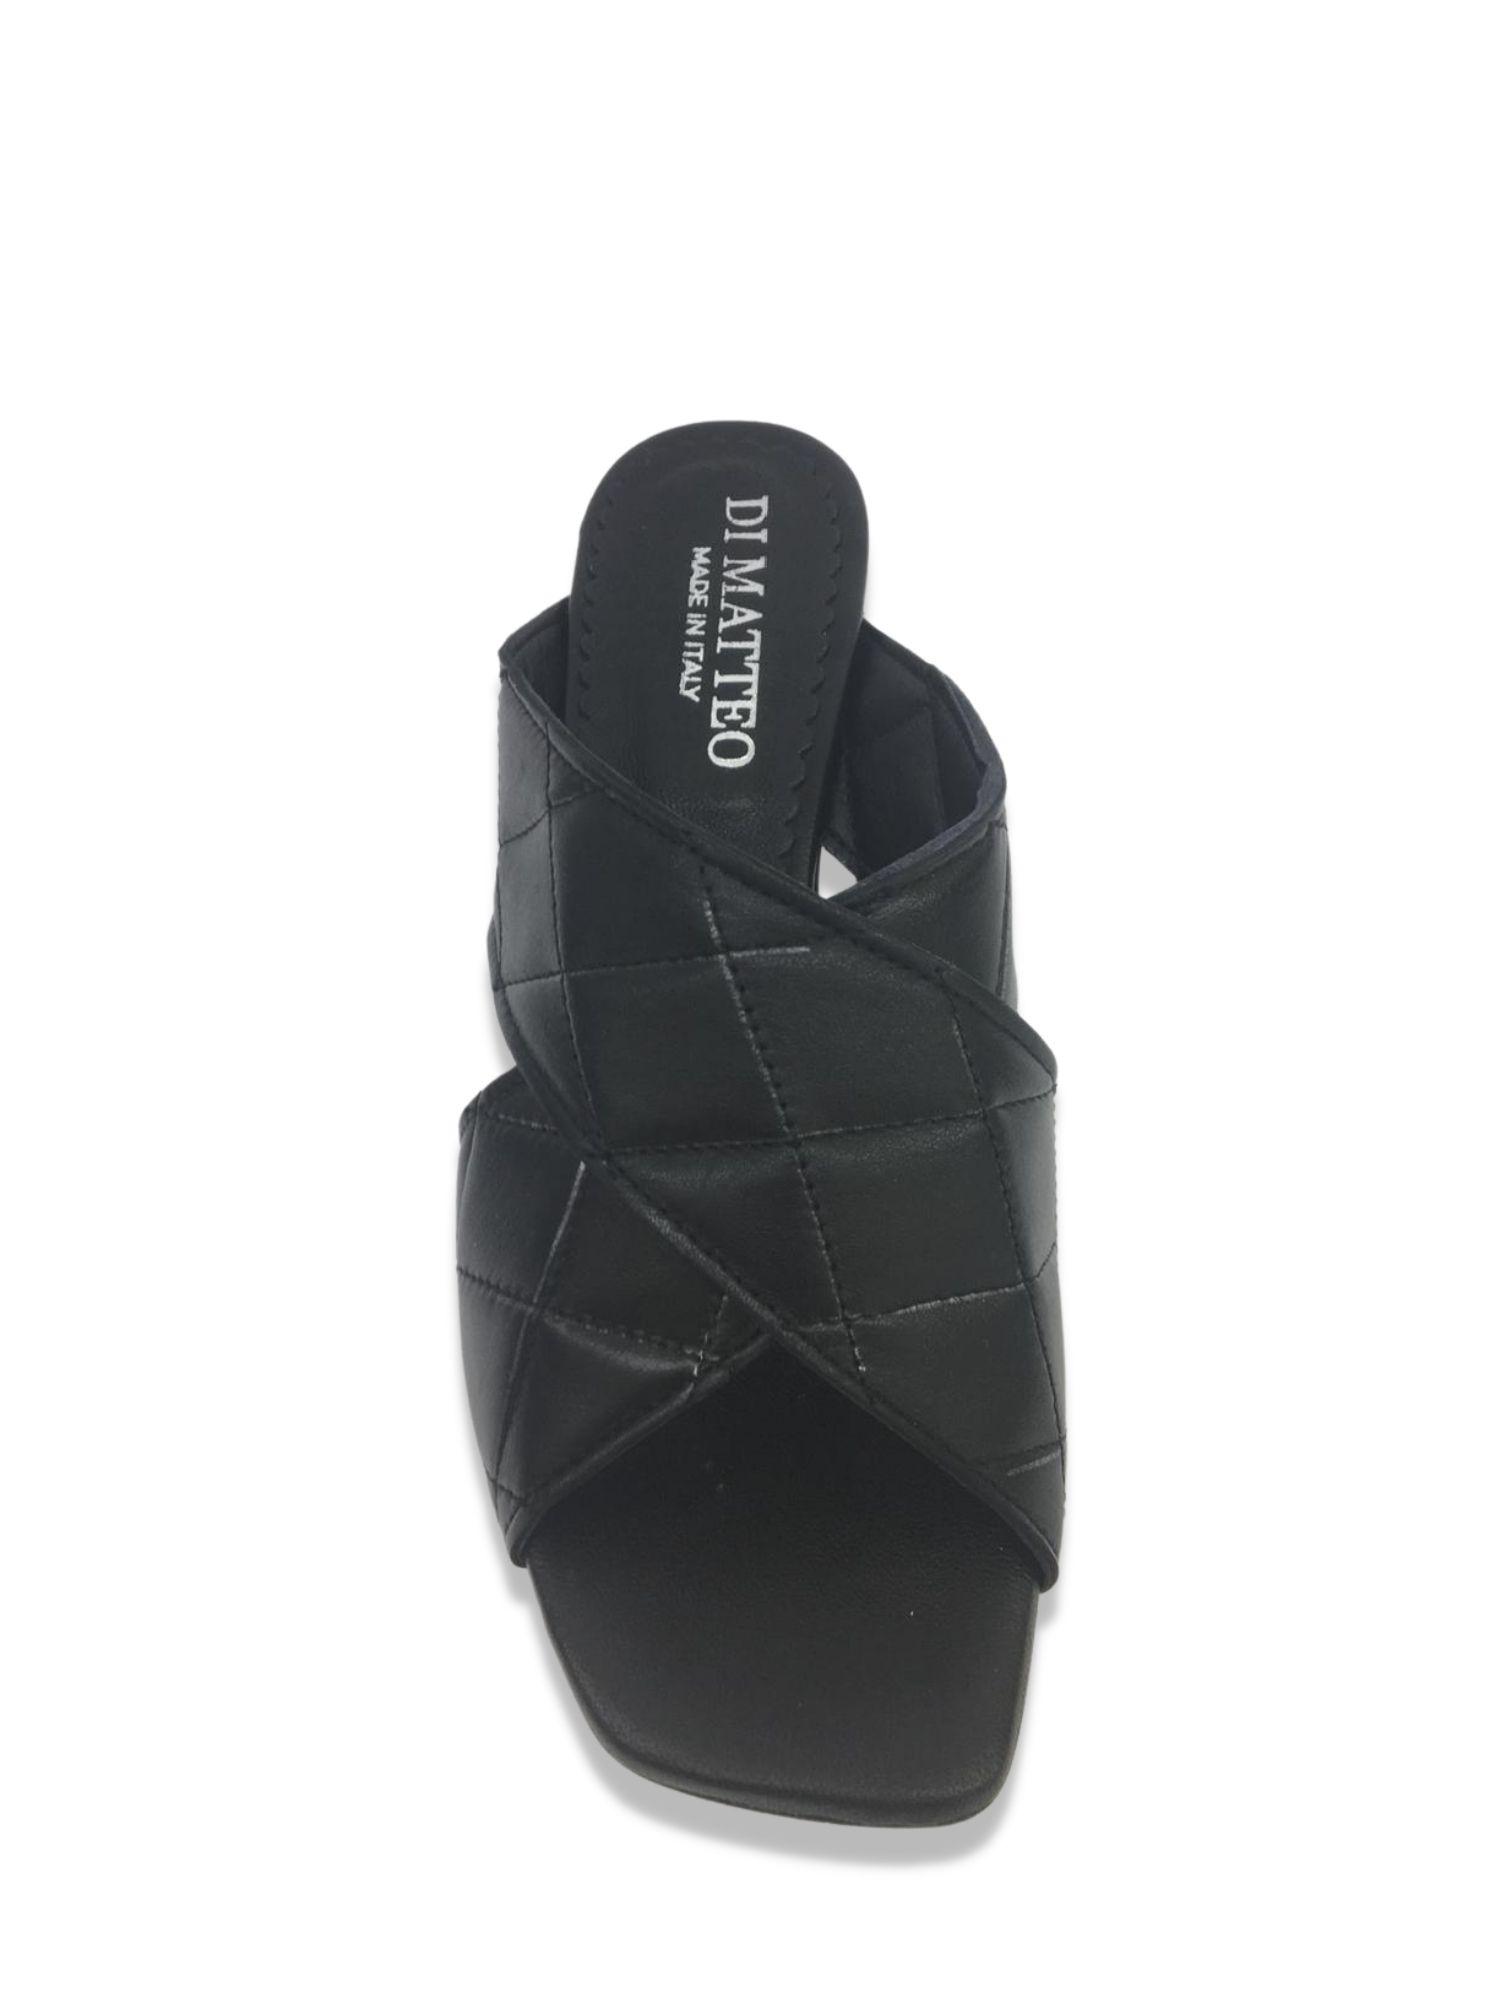 Sandalo scalzato Made in Italy 506 Nero alto 1